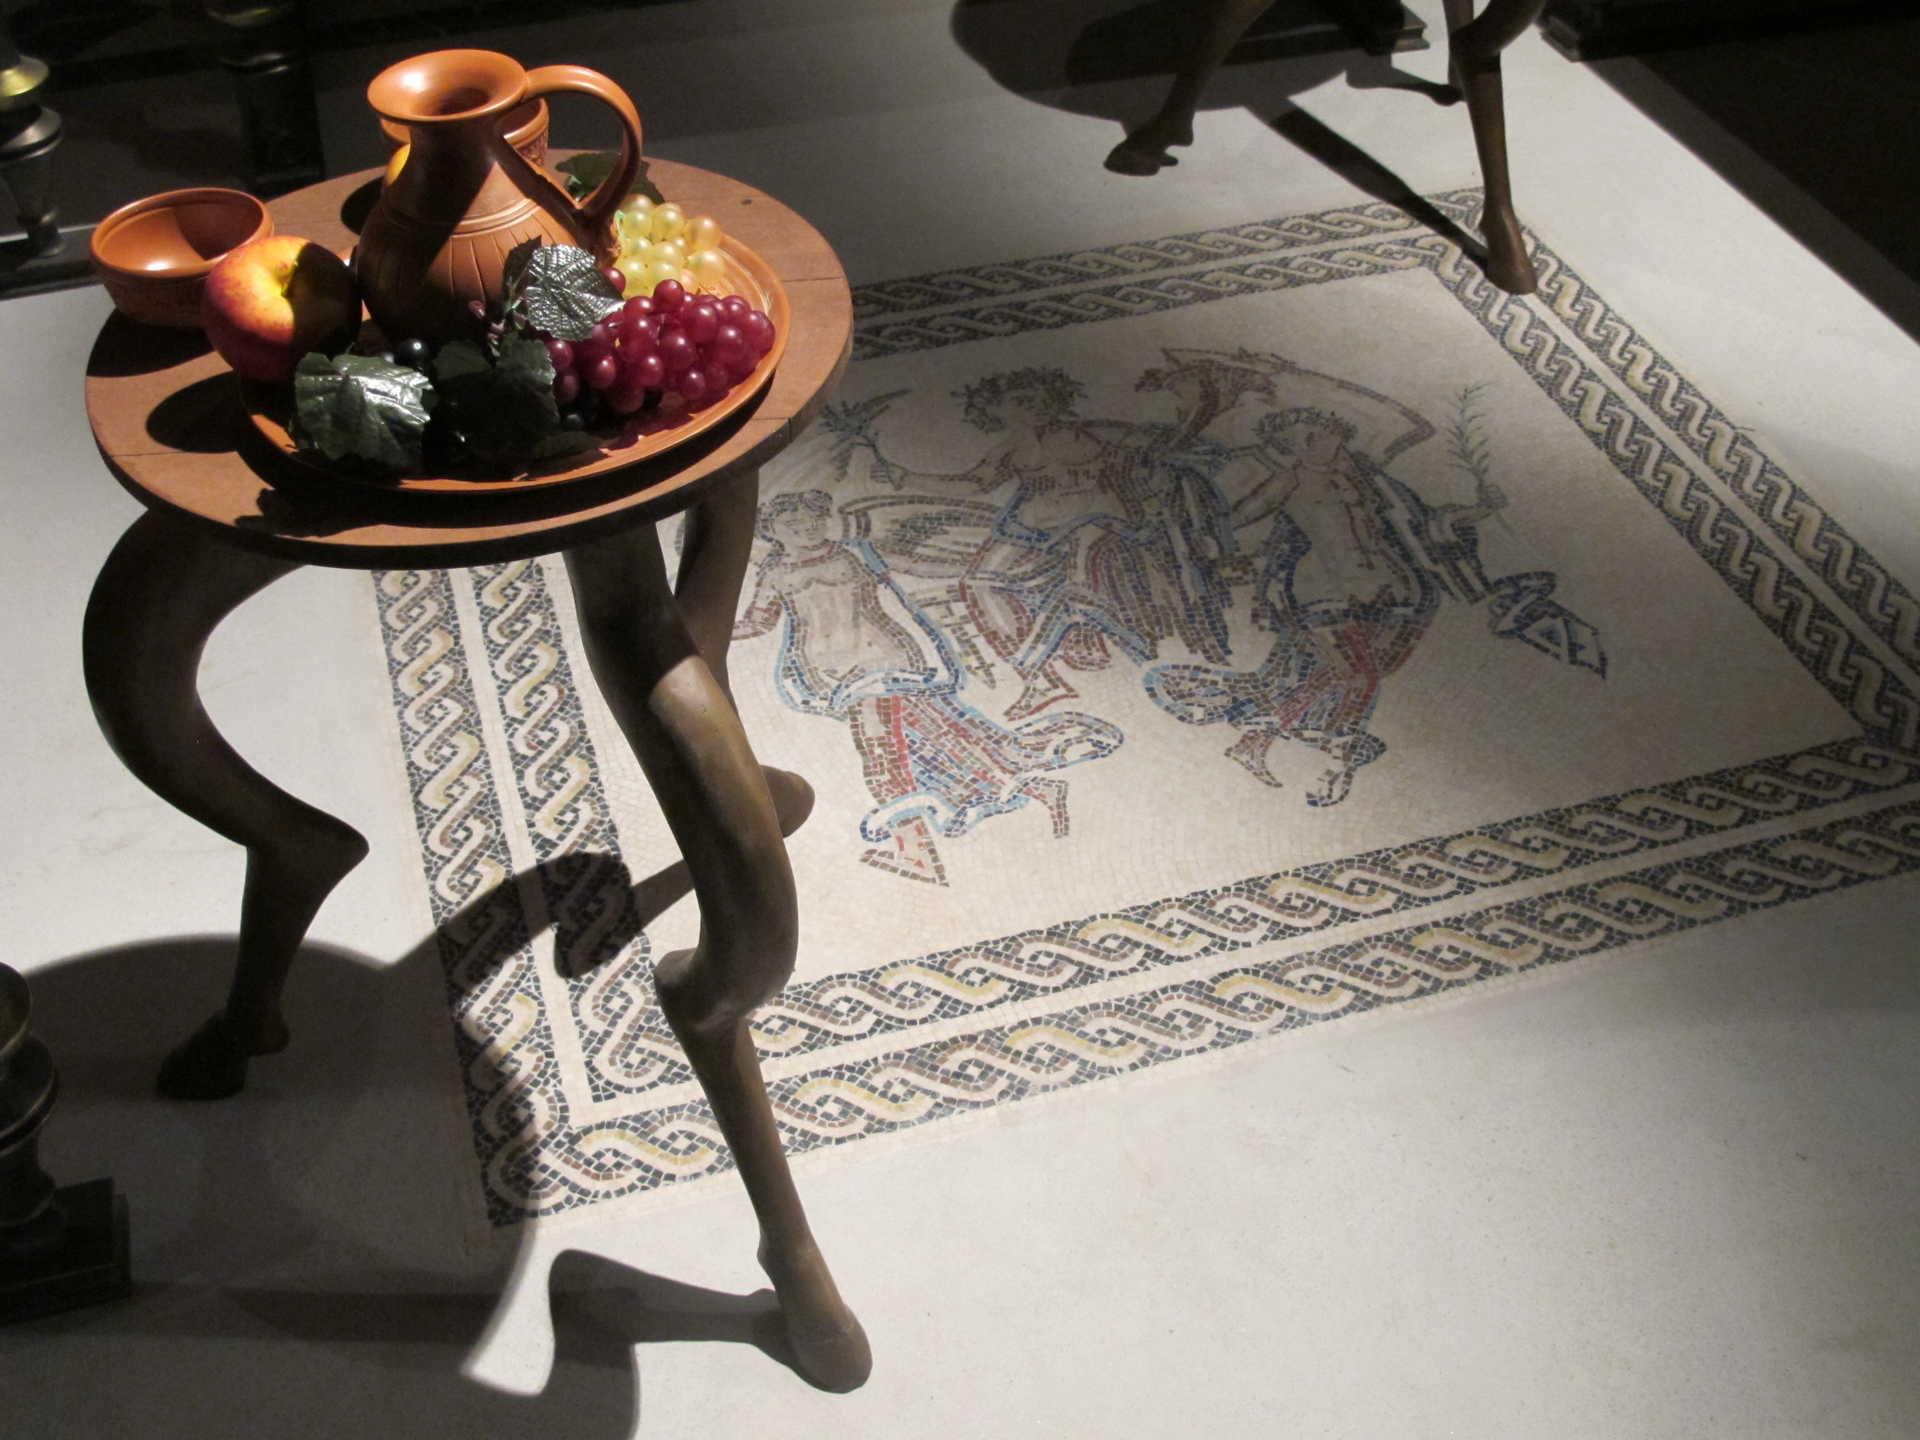 Casa romana: Detalle de mosaico